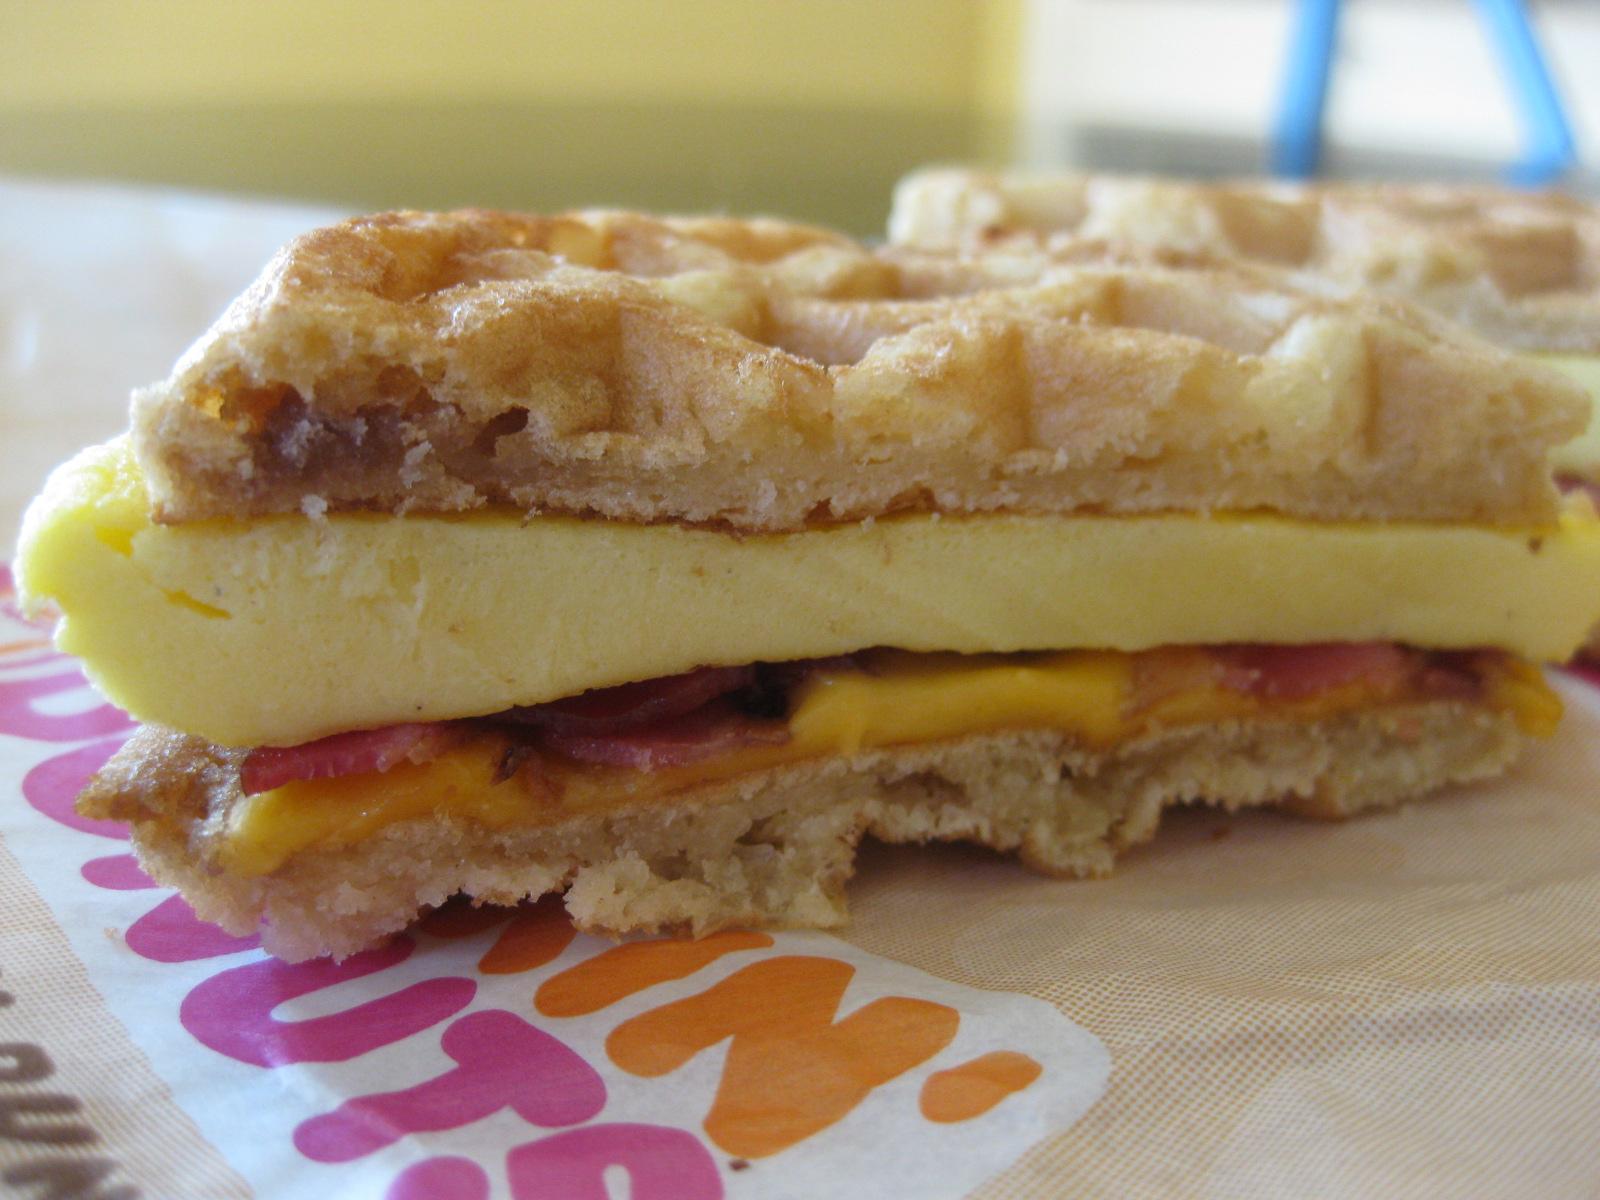 Waffle Breakfast Sandwich from Dunkin Donuts 3